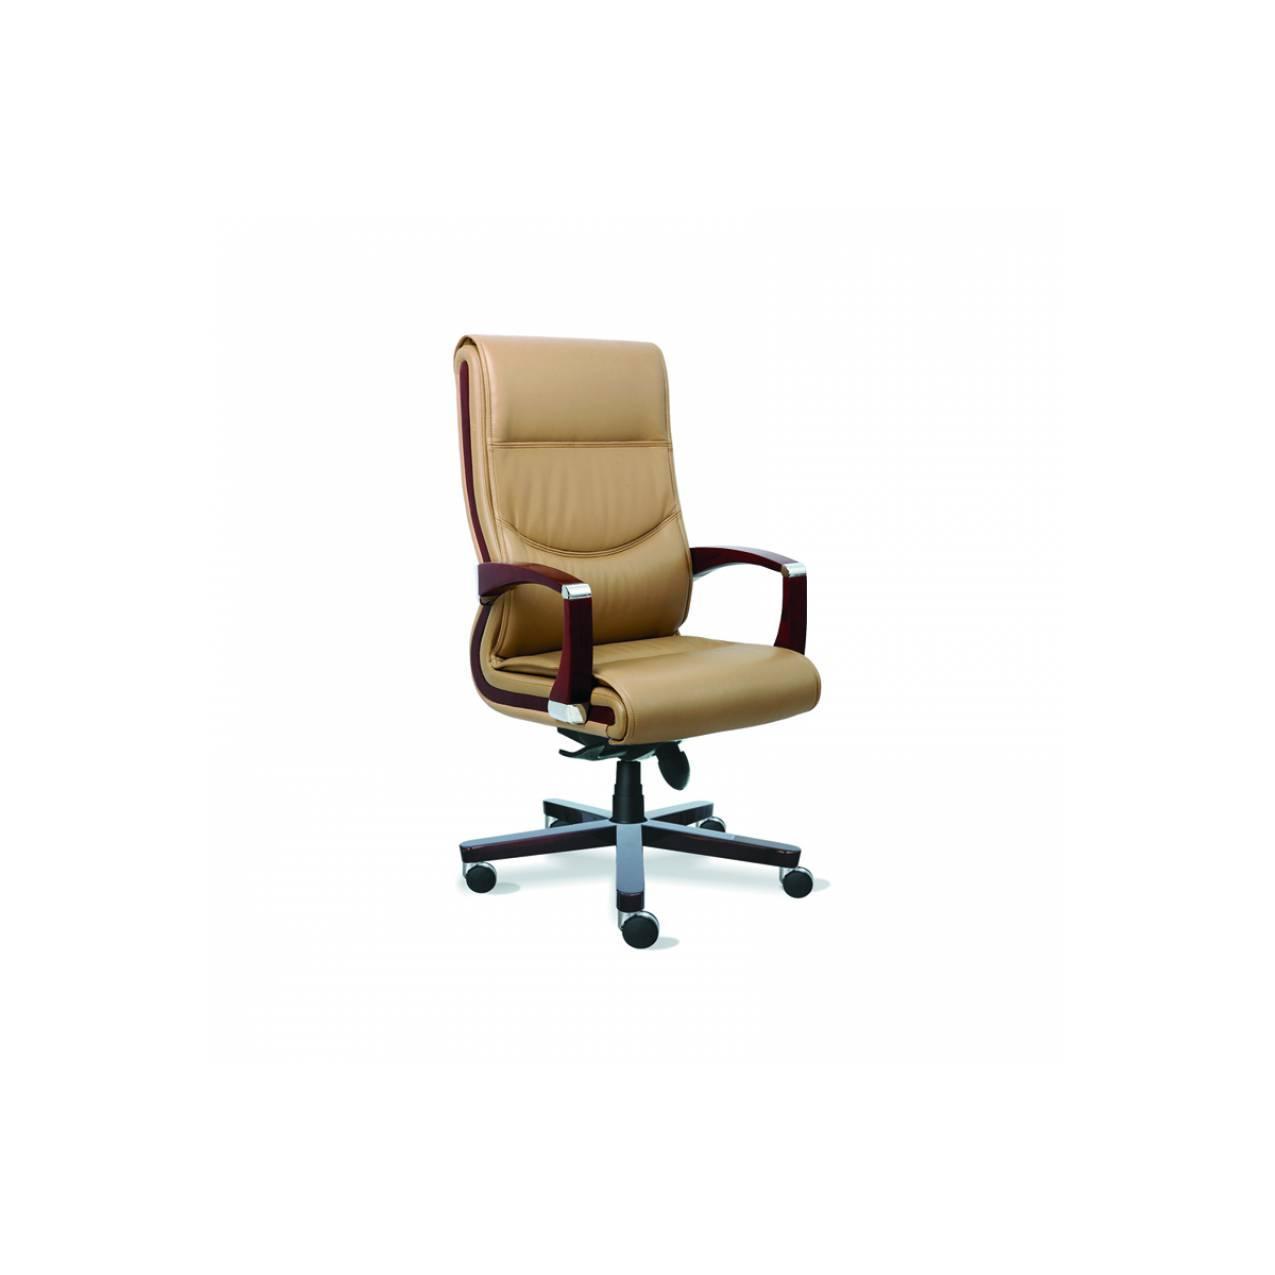 kursi kantor indachi tangan dan kaki kayu executive series